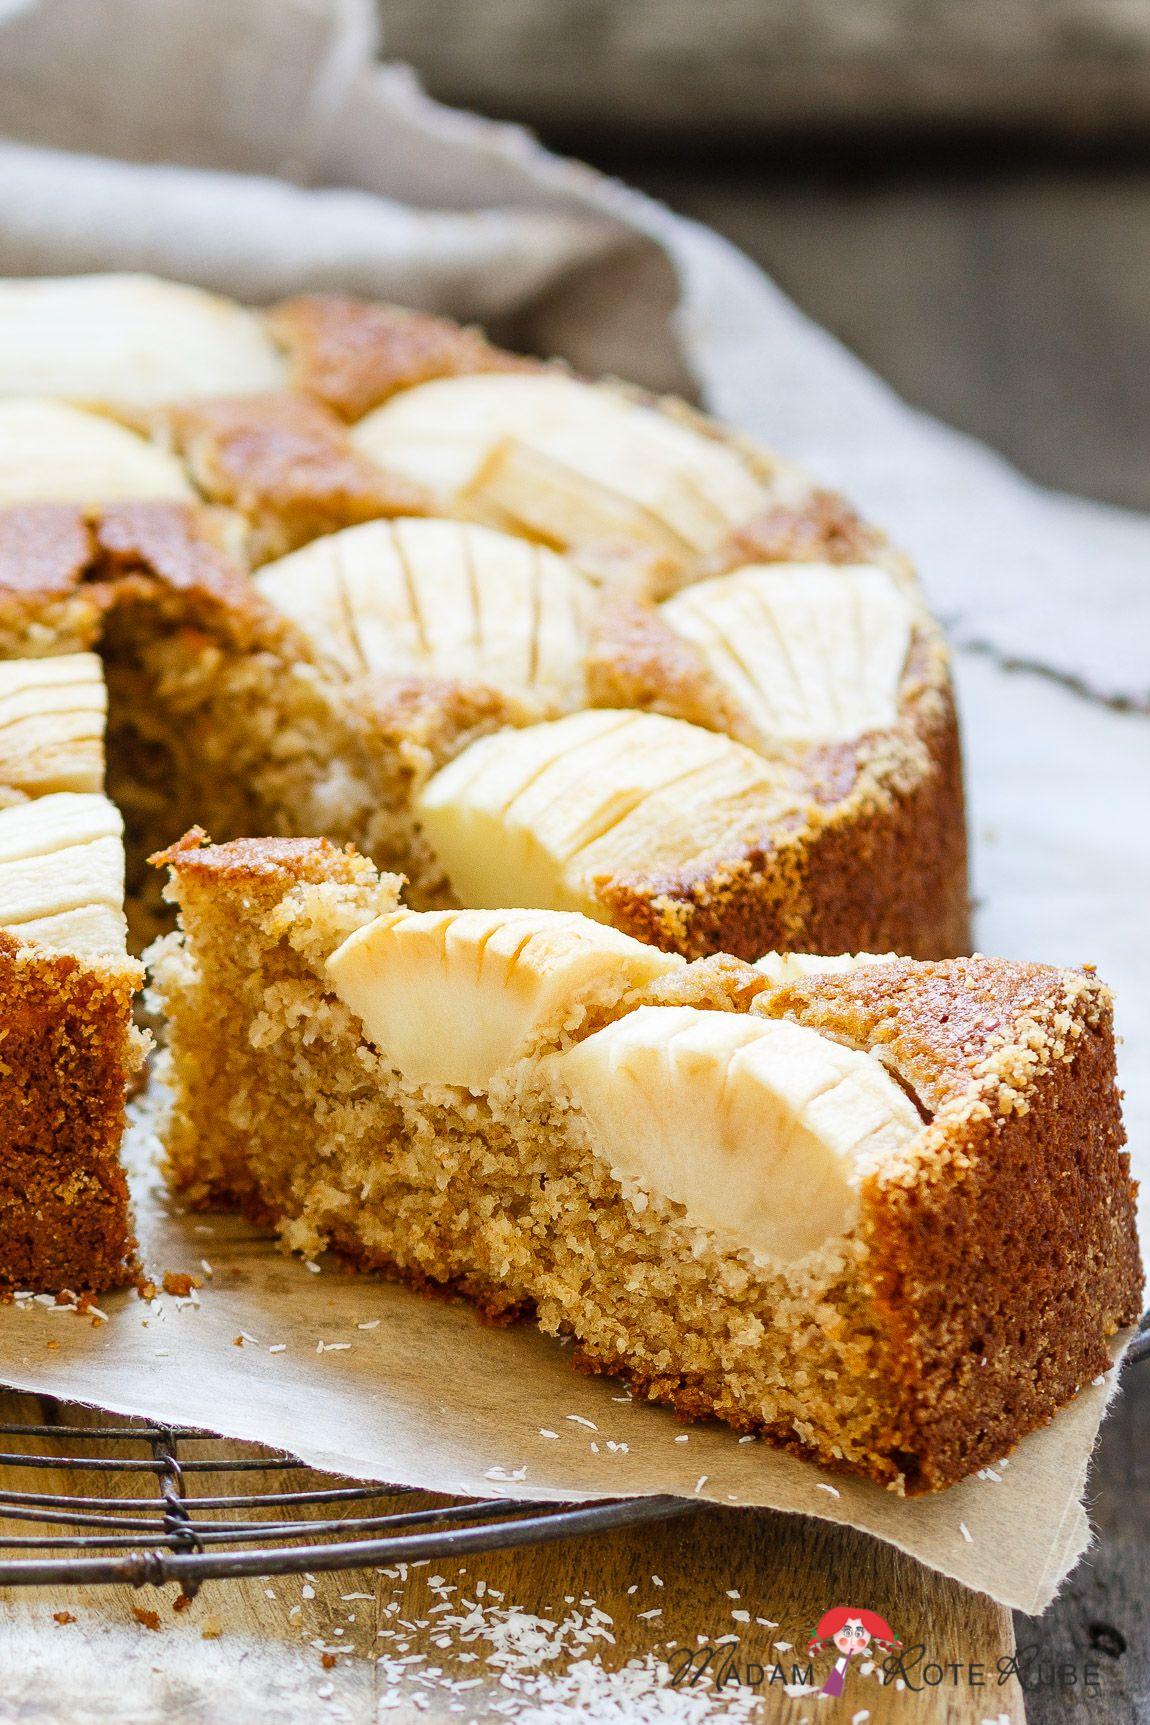 Einfacher Apfel-Kokos-Kuchen mit Dinkelvollkornmehl